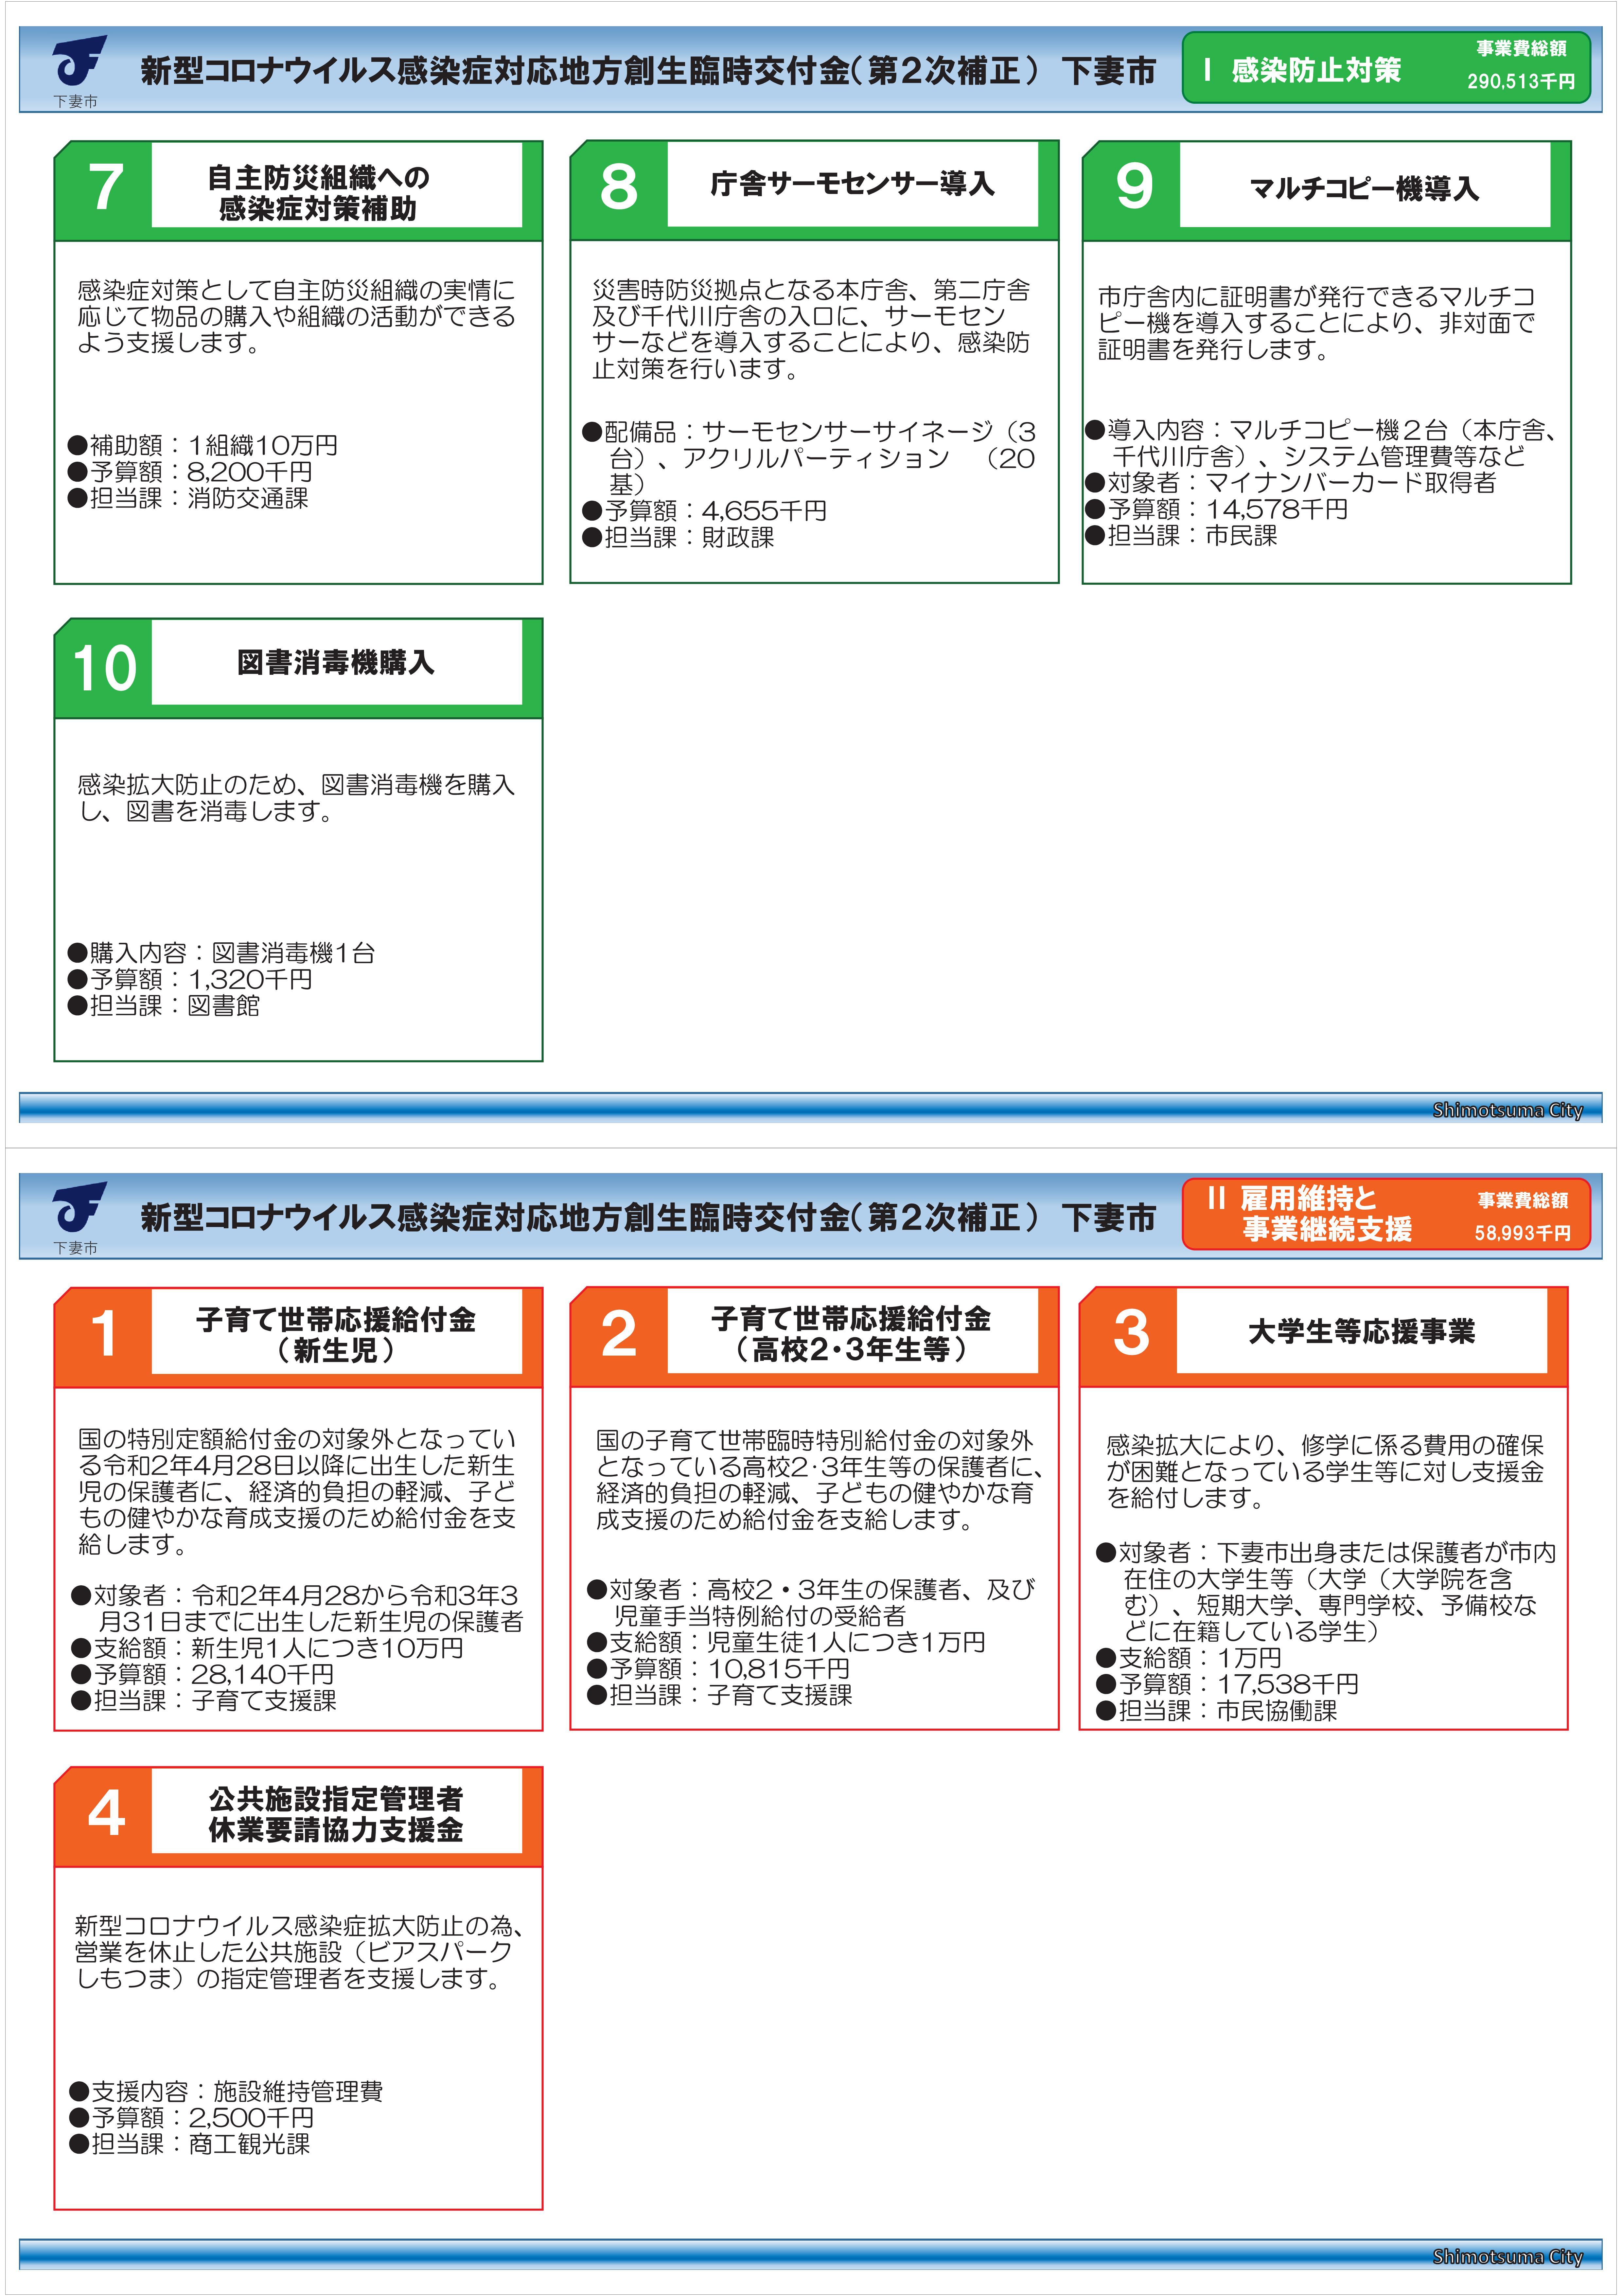 【下妻市】新型コロナウイルス対策施策(9月公表)-2